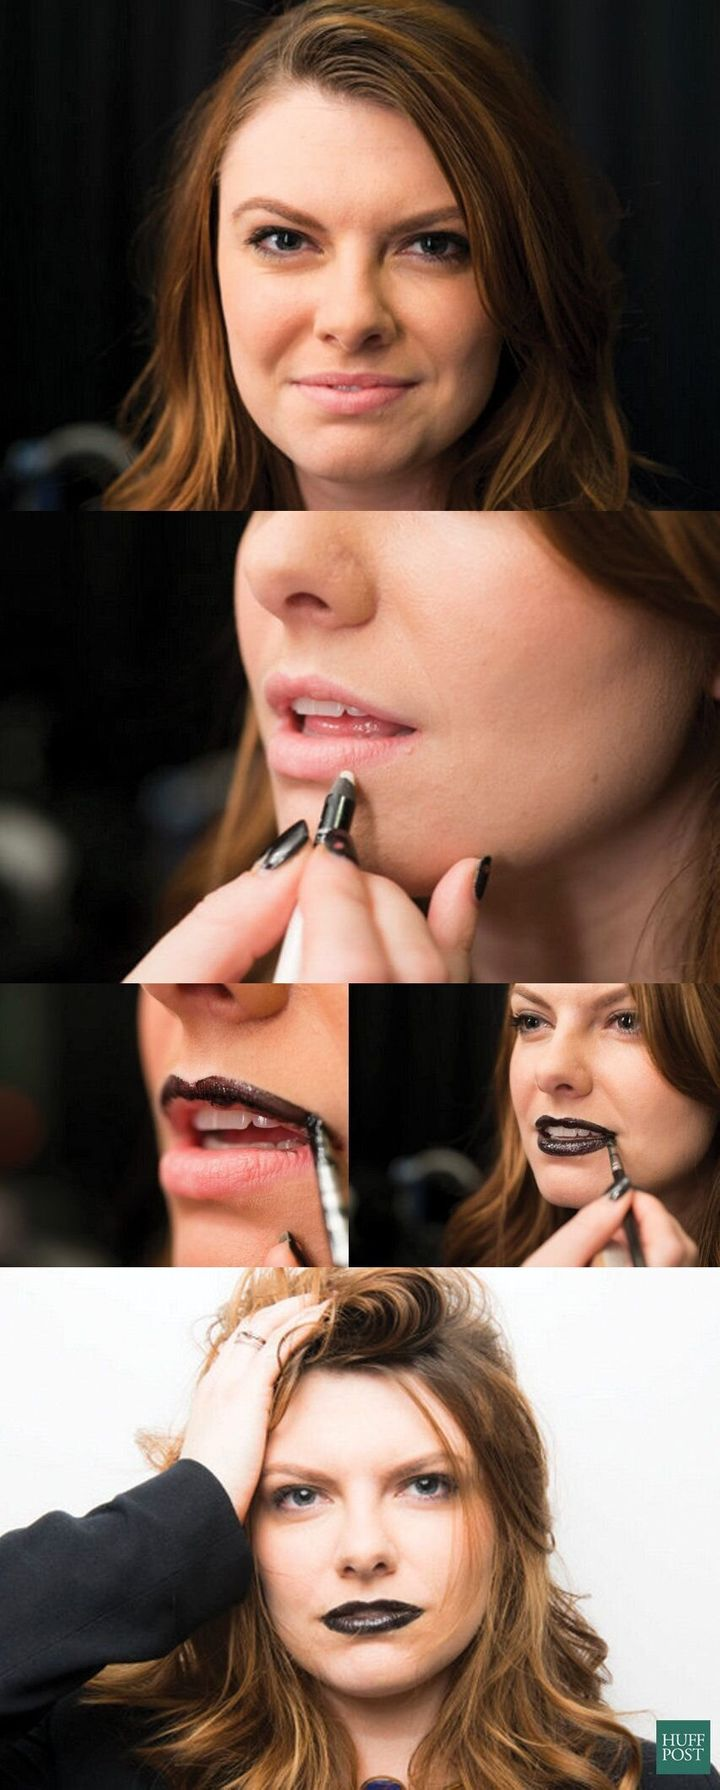 블랙 립스틱 사용 전 매트 립라이너를 바르는 모습